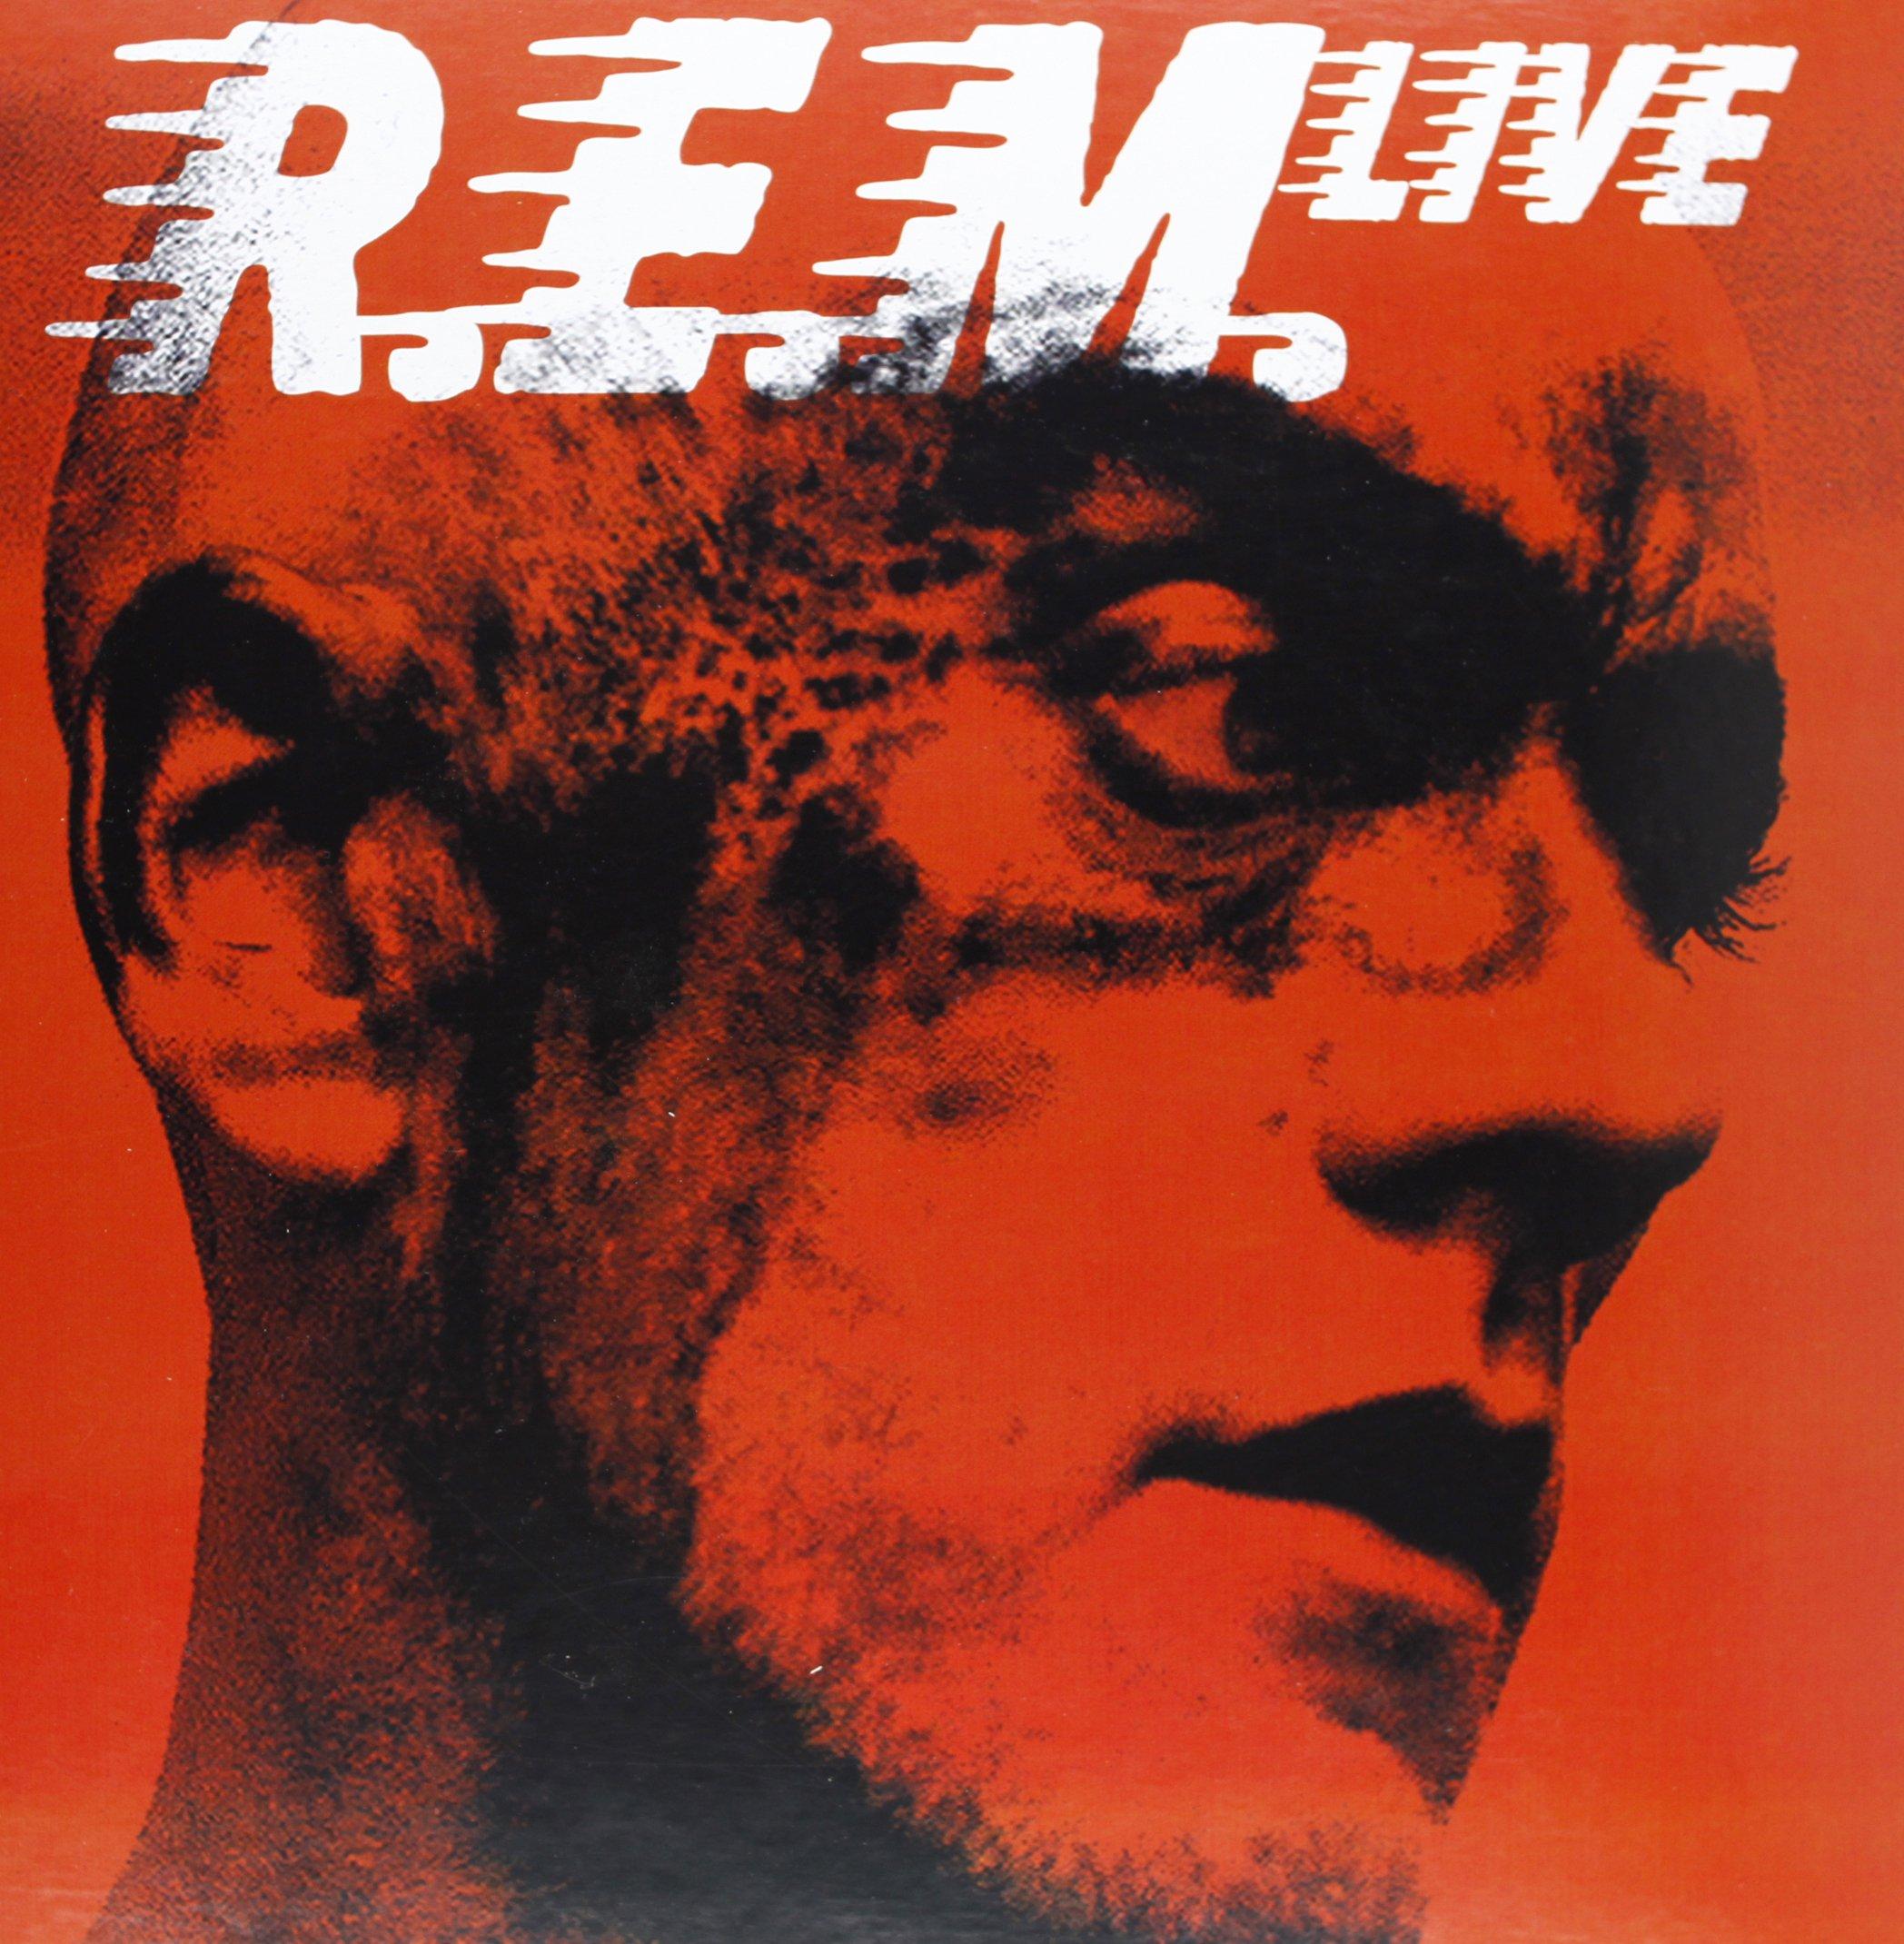 R.E.M. Live [Vinyl]